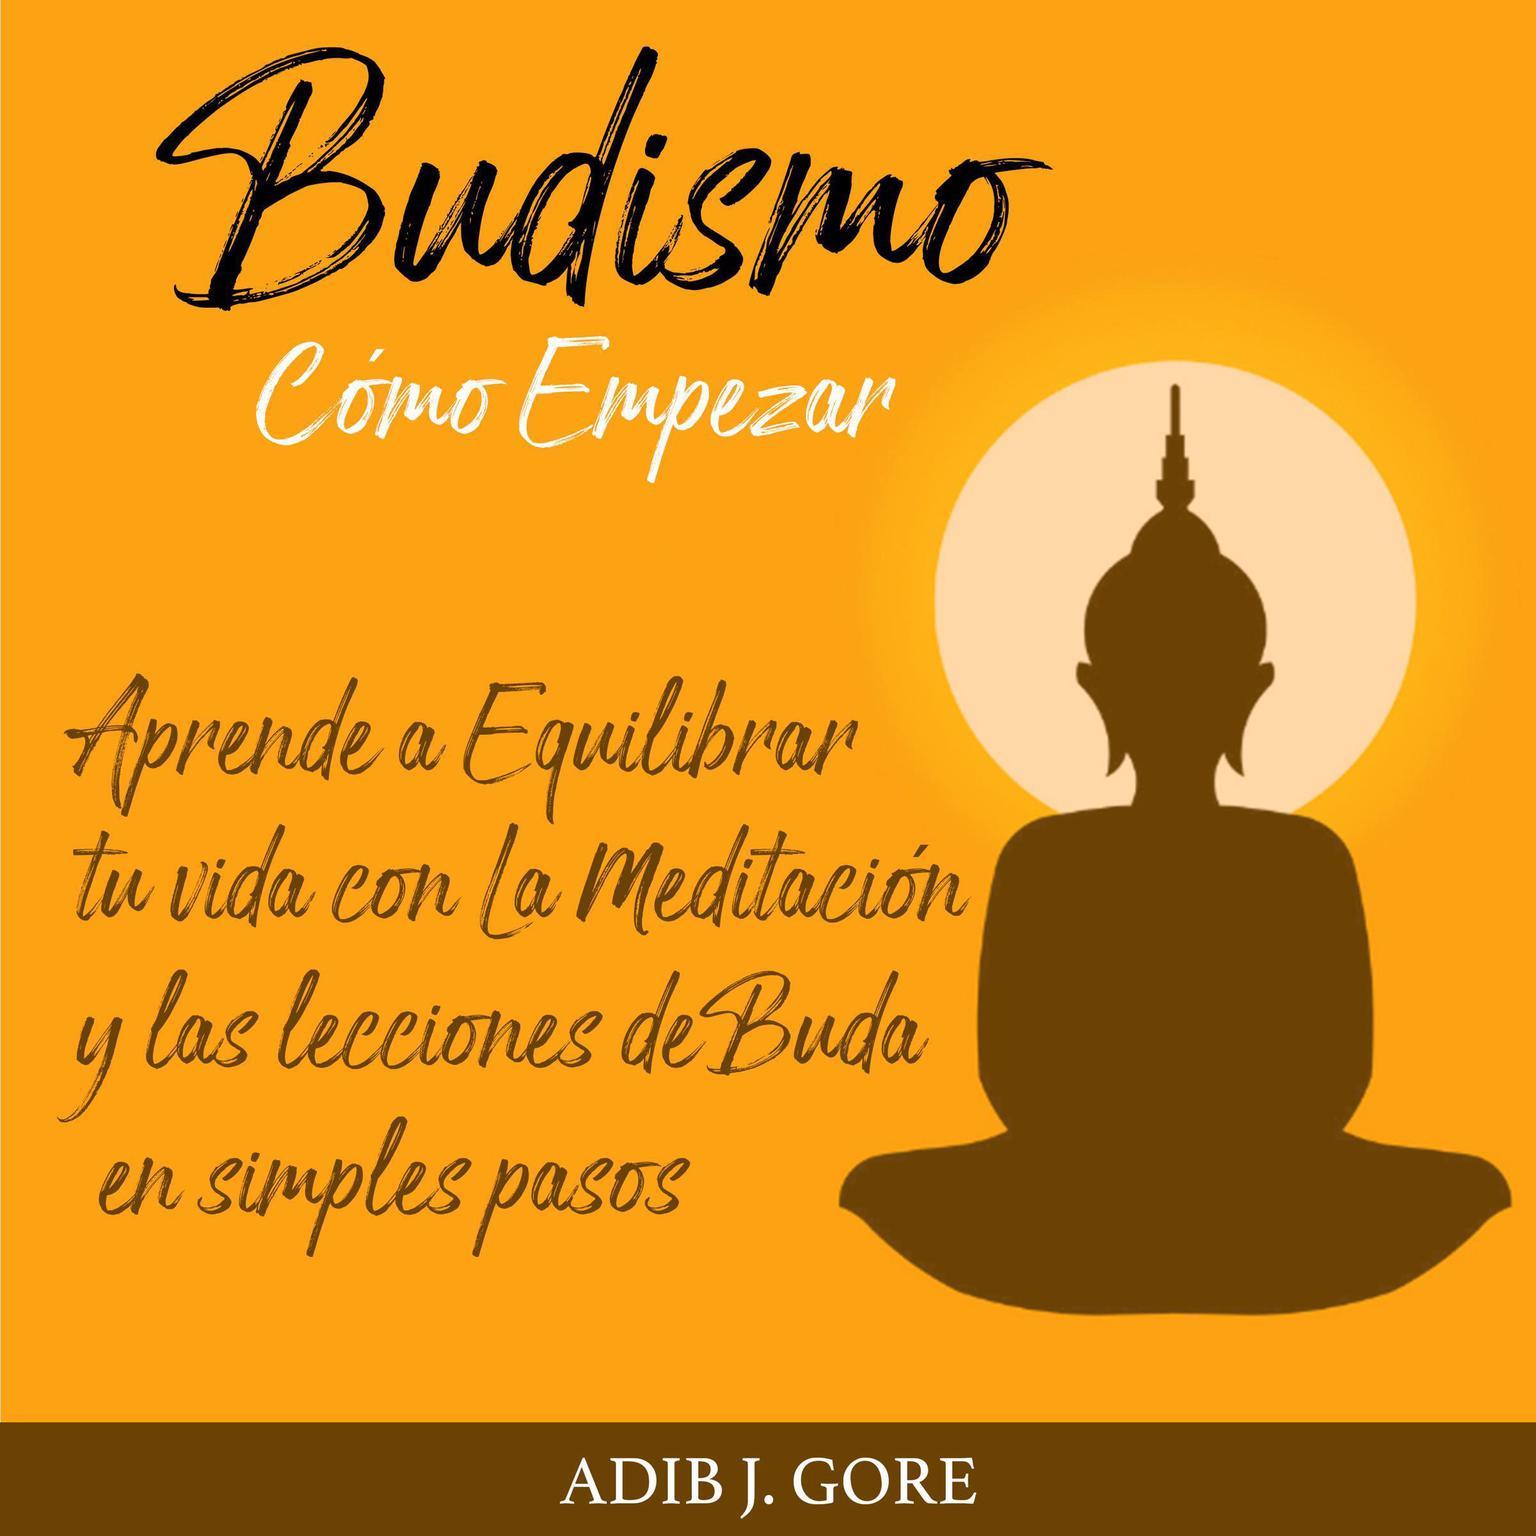 Budismo. Cómo Empezar. Aprende a Equilibrar tu vida con La Meditación y las lecciones de Buda en simples pasos. Audiobook, by Adib J. Gore